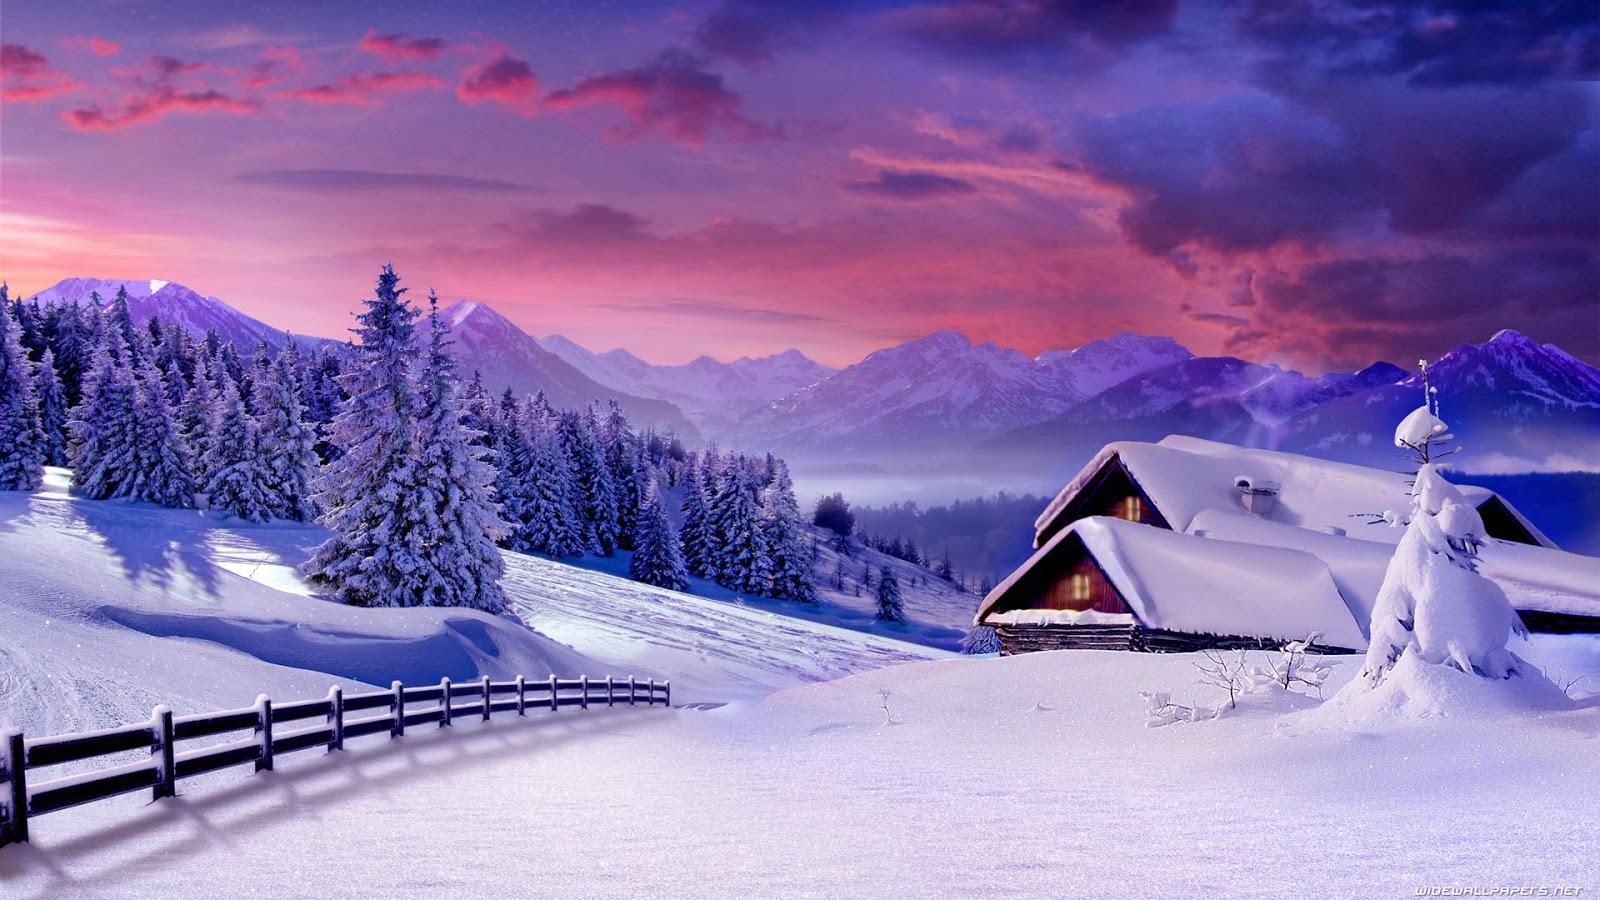 winter scenes desktop wallpaper 2015   Grasscloth Wallpaper 1600x900